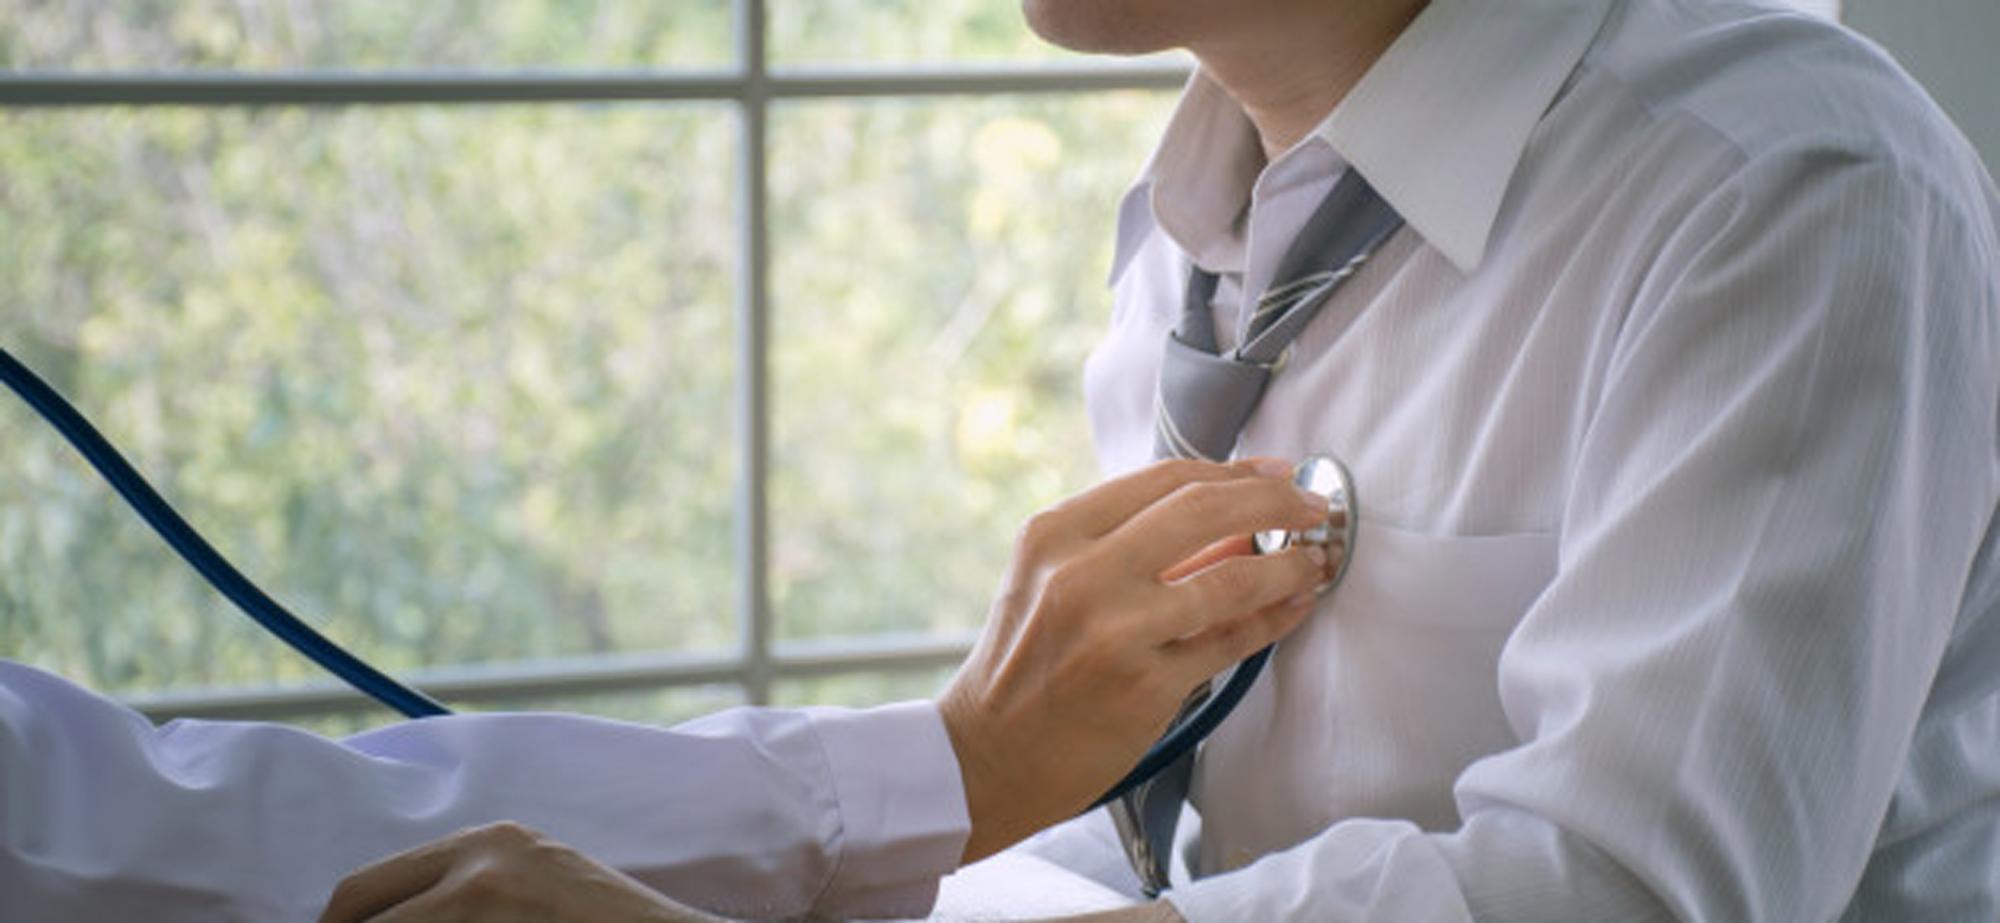 Médico escutando coração do paciente | Brumed